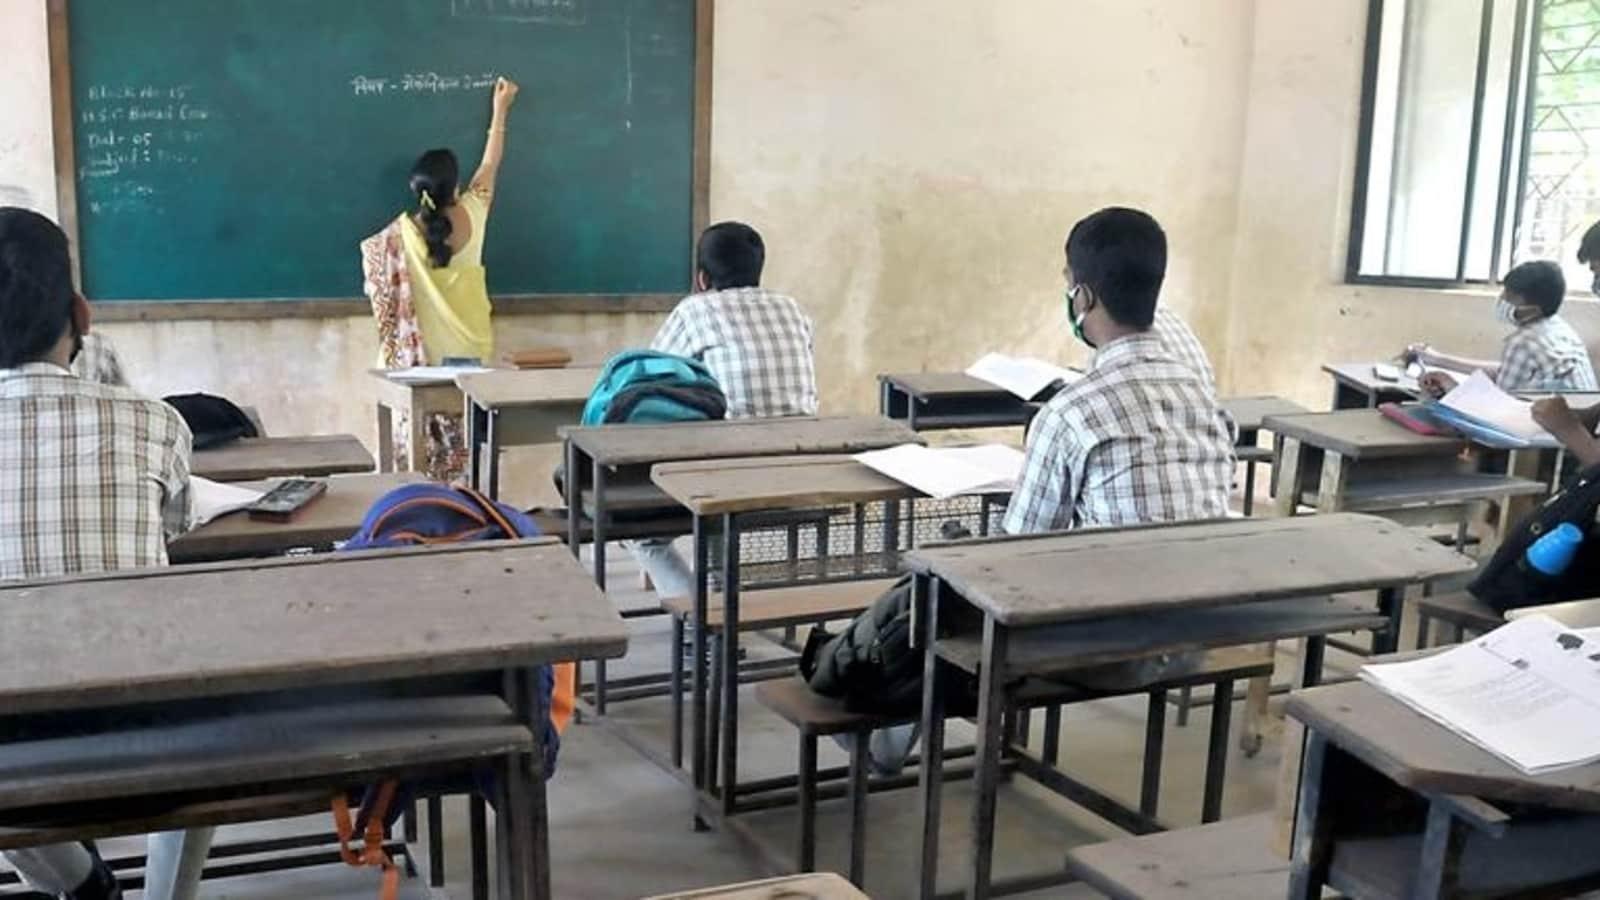 मध्य प्रदेश में 20 सितंबर से क्लास 1-5वीं तक के स्कूल खुलेंगे, आदेश जारी